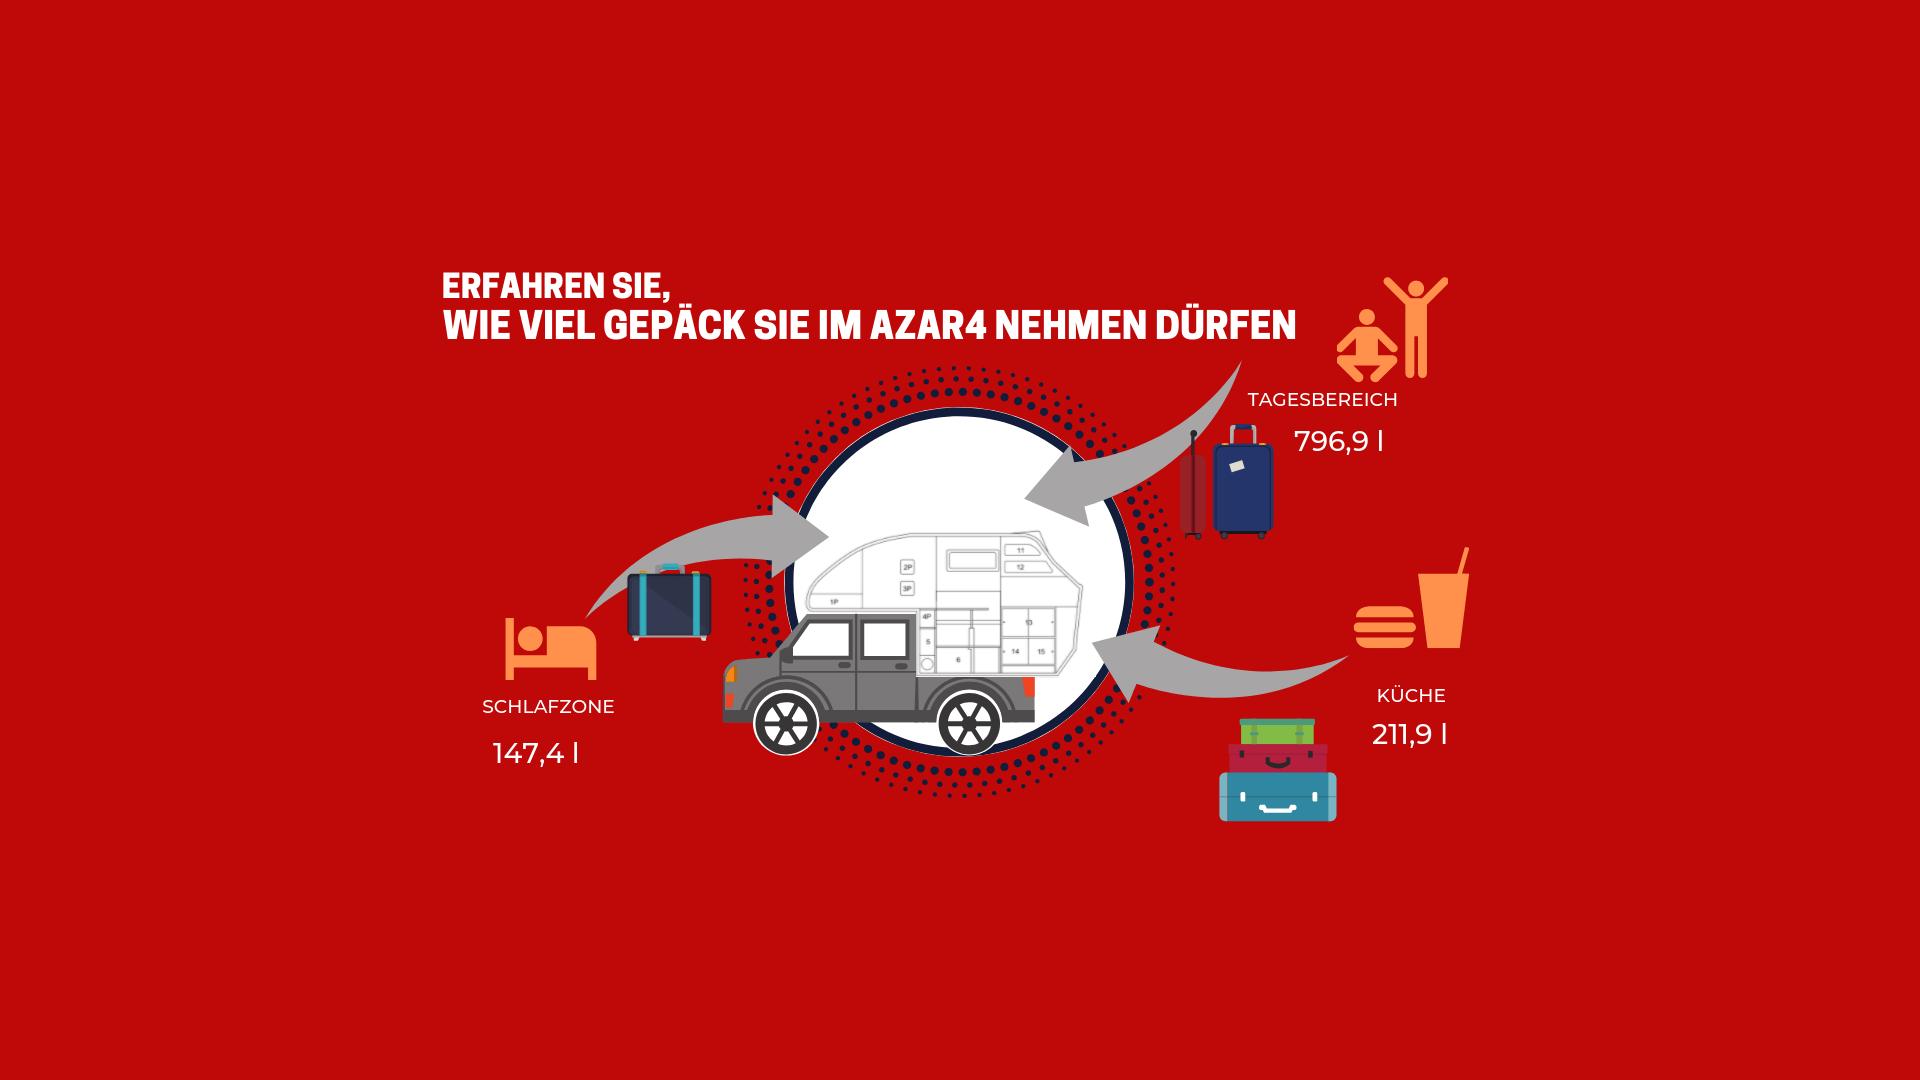 AZAR4 - Entwicklung eines Camper für 4x4 Pickup - Azar ikonografiki - Ökonomisches Caravaning. Wie kann man auf Reisen mit einem Pickup Camper Geld sparen?